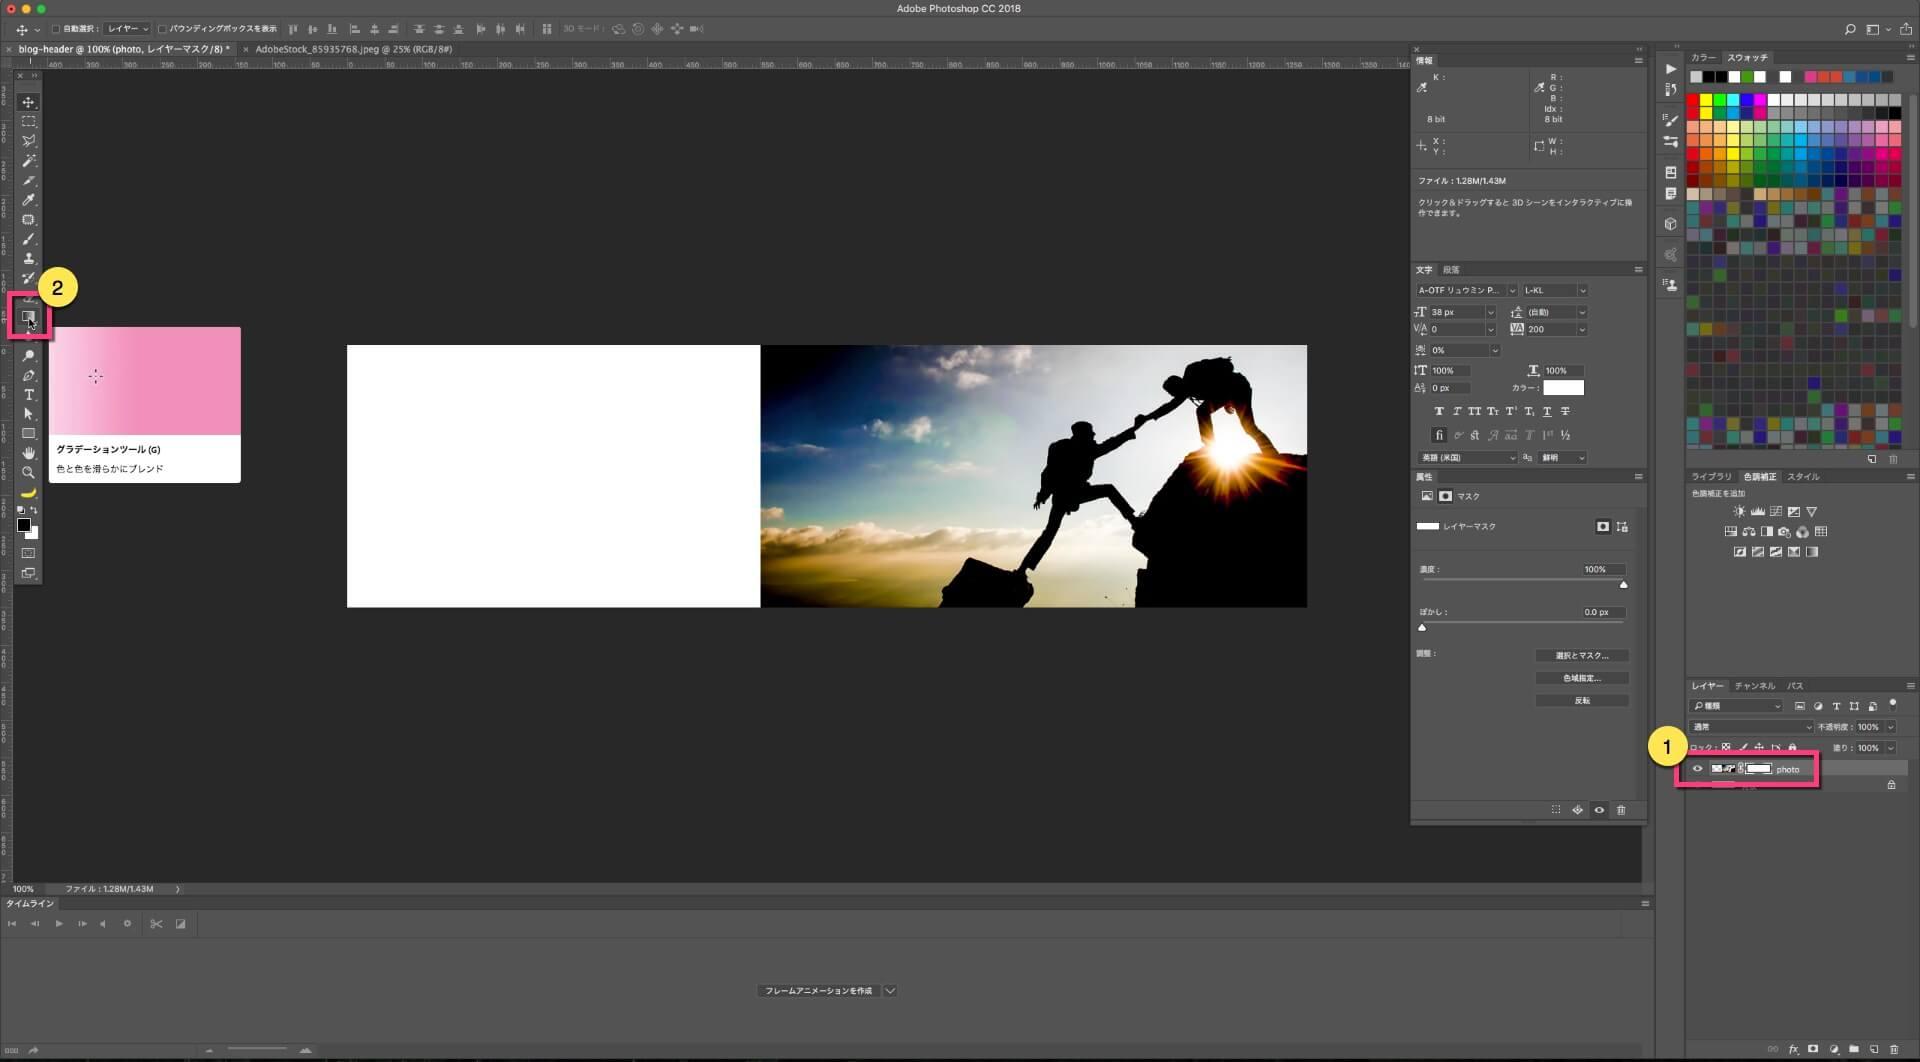 画像レイヤーに「マスク」が表示されます。左のツールから《グラデーションツール》をクリックします。